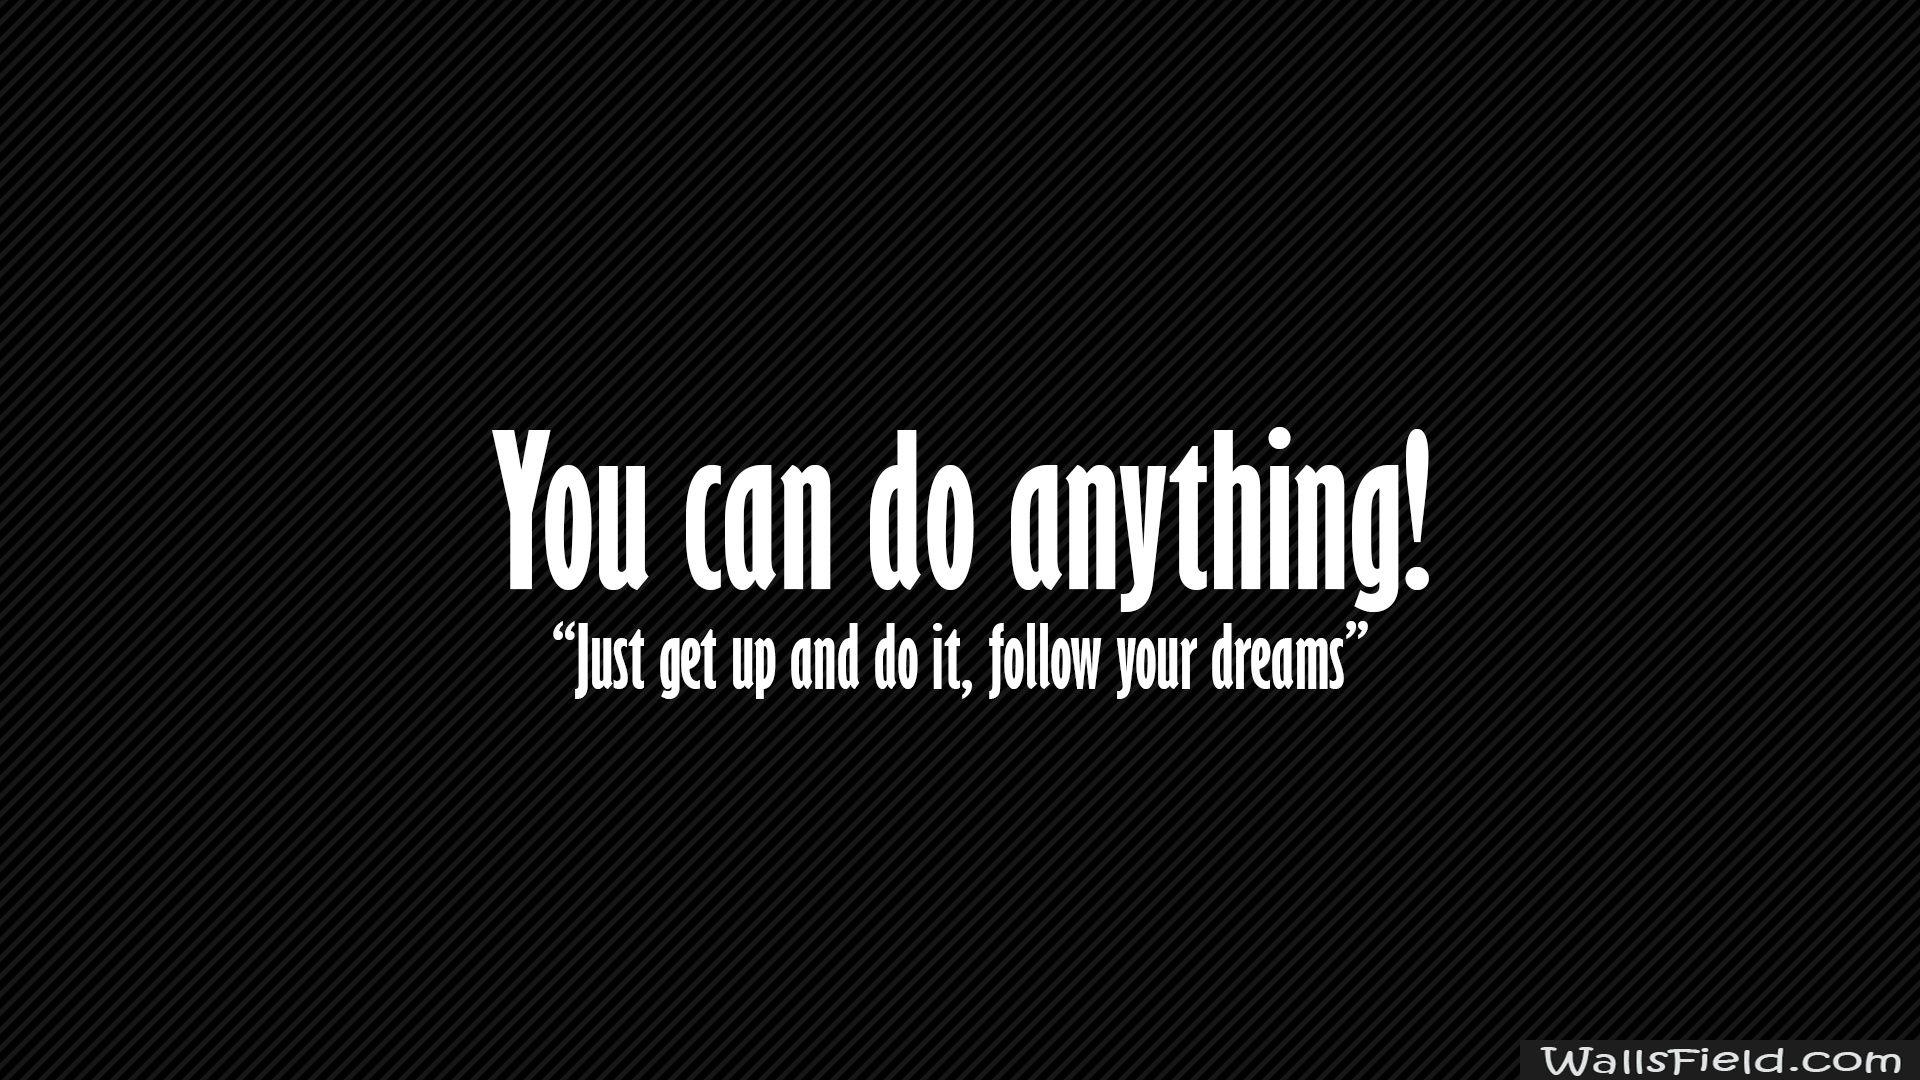 You Can Do Anything Wallsfield Com Free Hd Wallpapers Motivasi Belajar Kutipan Motivasi Motivasi